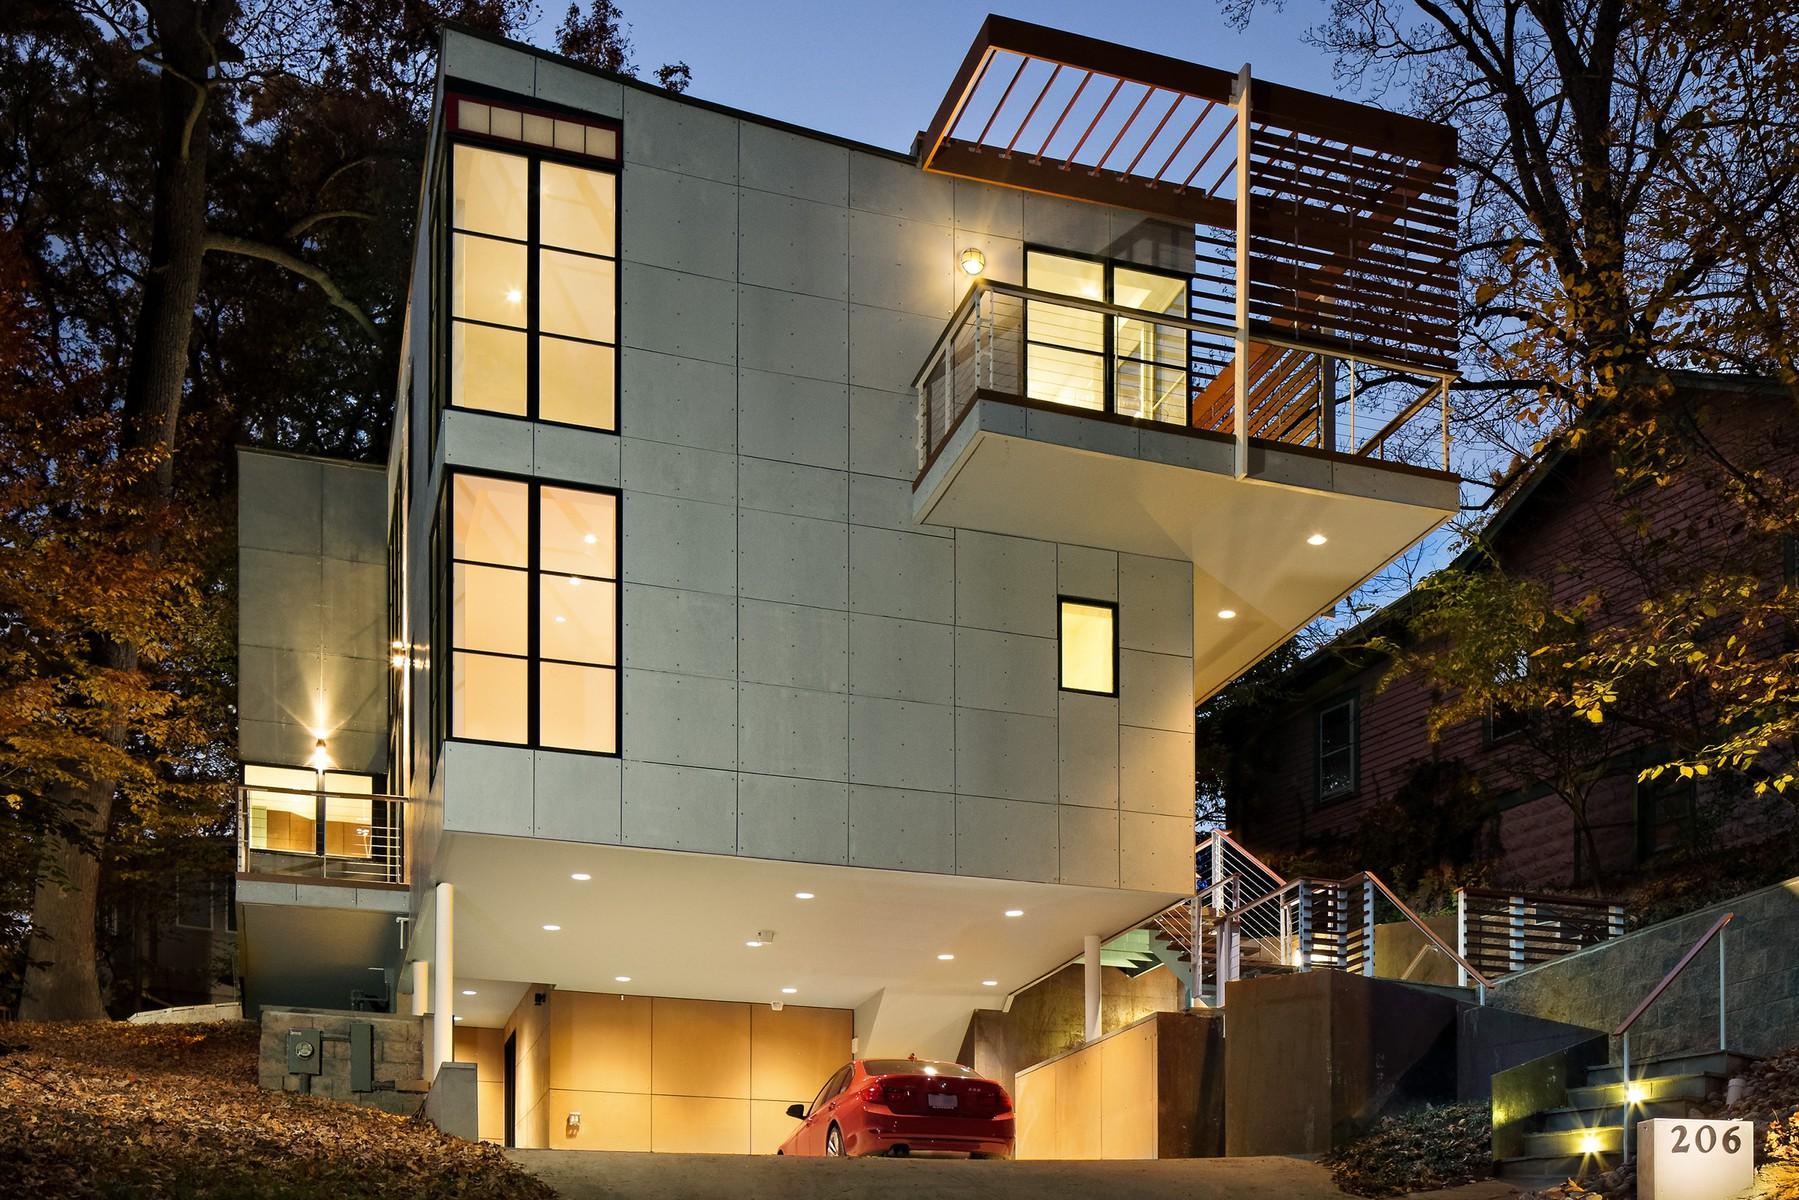 단독 가정 주택 용 매매 에 206 Domer Avenue, Takoma Park Takoma Park, 메릴랜드 20912 미국